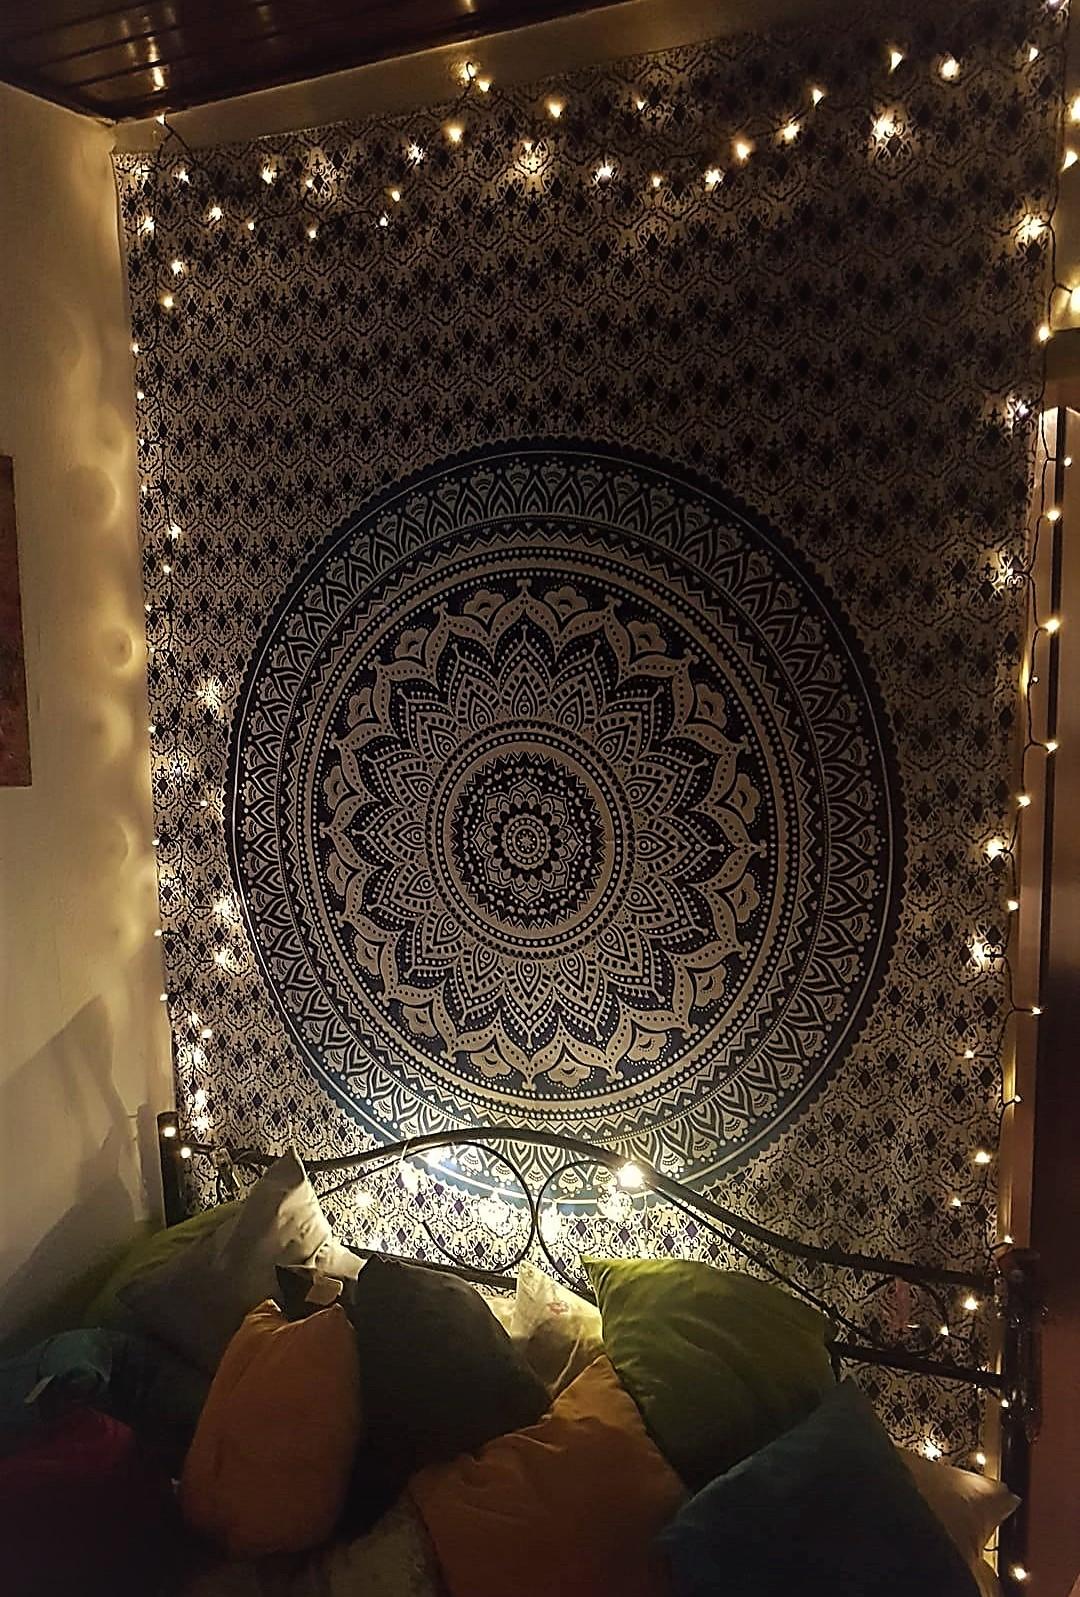 Mandala Wandtuch mit Rahmen aus Lichterketten